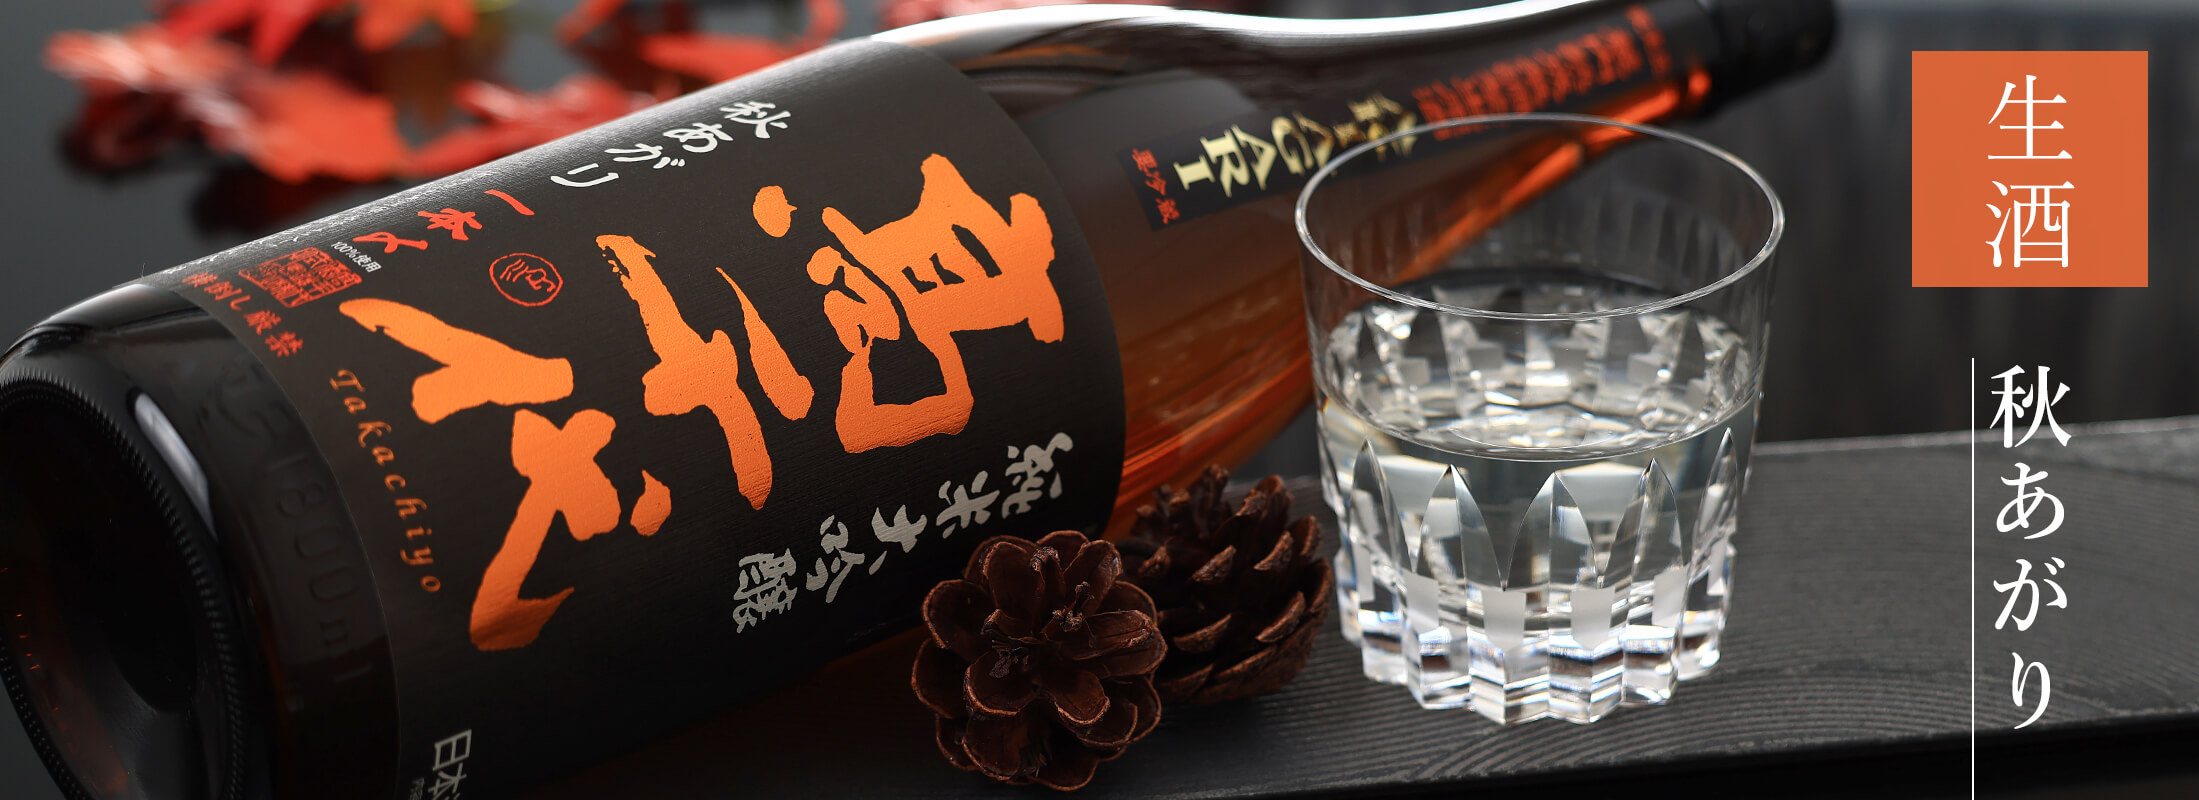 高千代 純米大吟醸 一本〆秋上がり